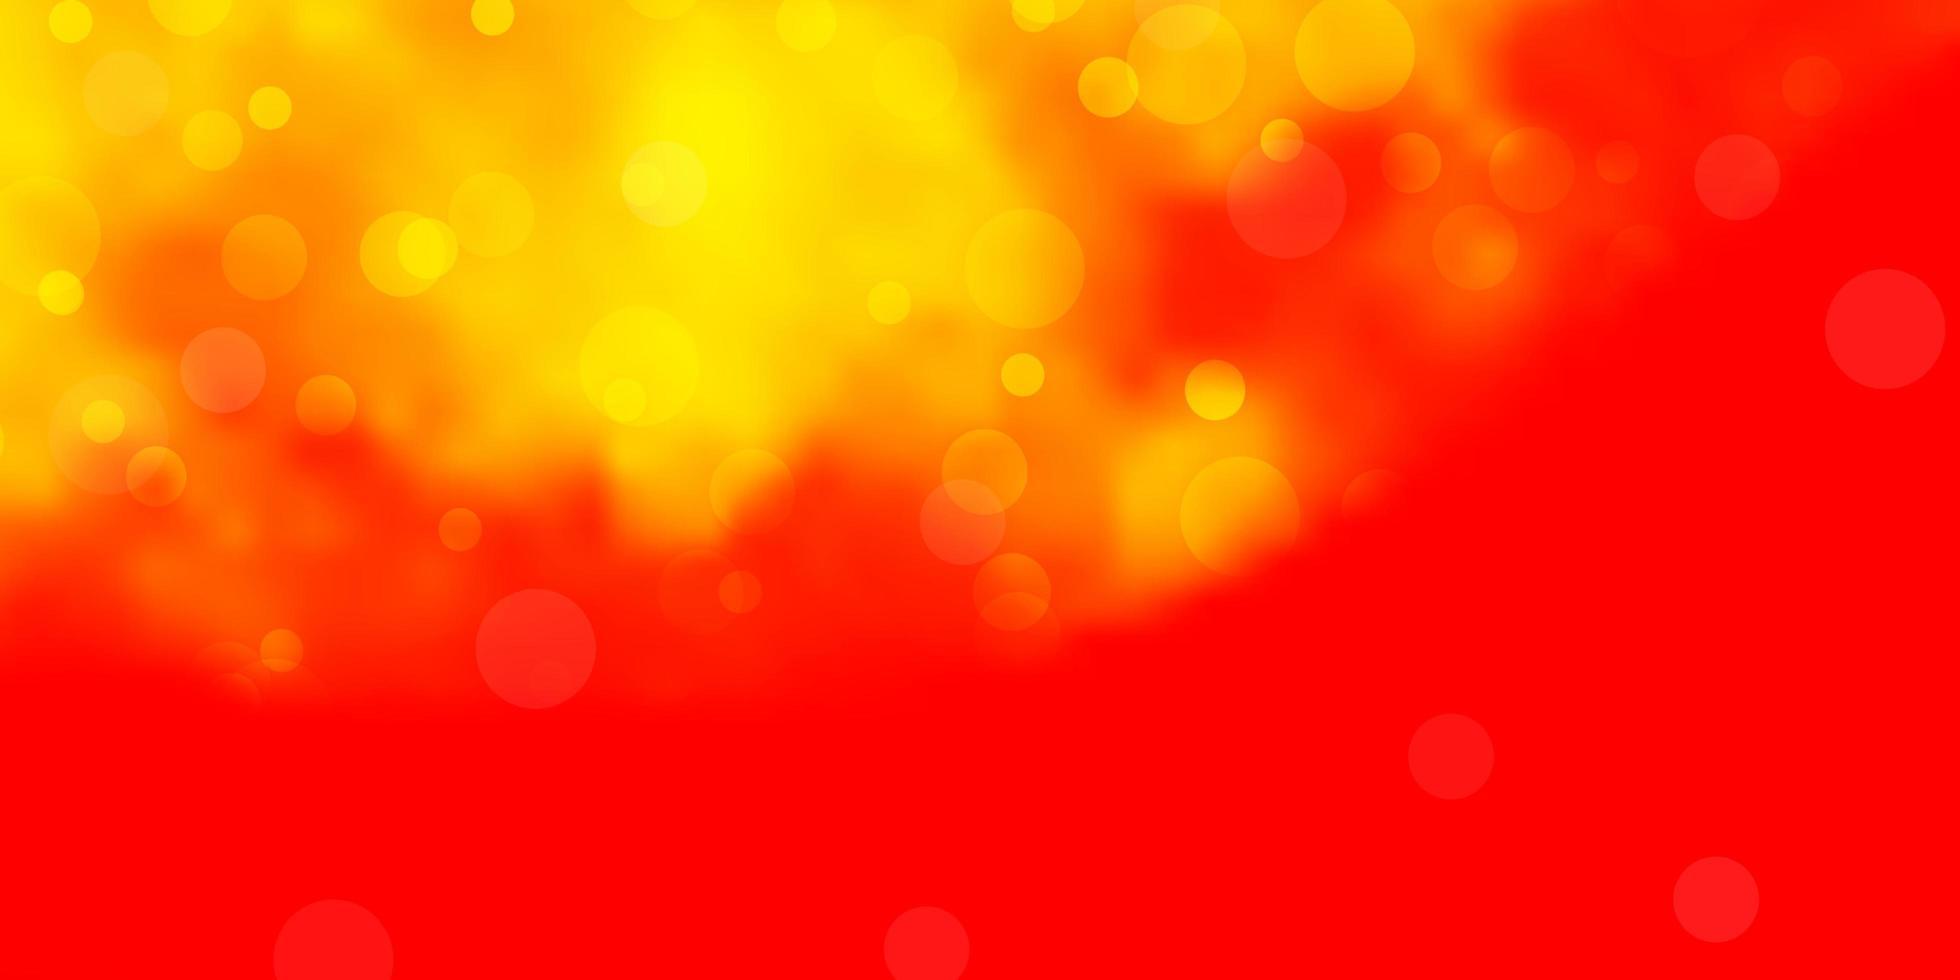 roter und gelber Hintergrund mit Punkten. vektor